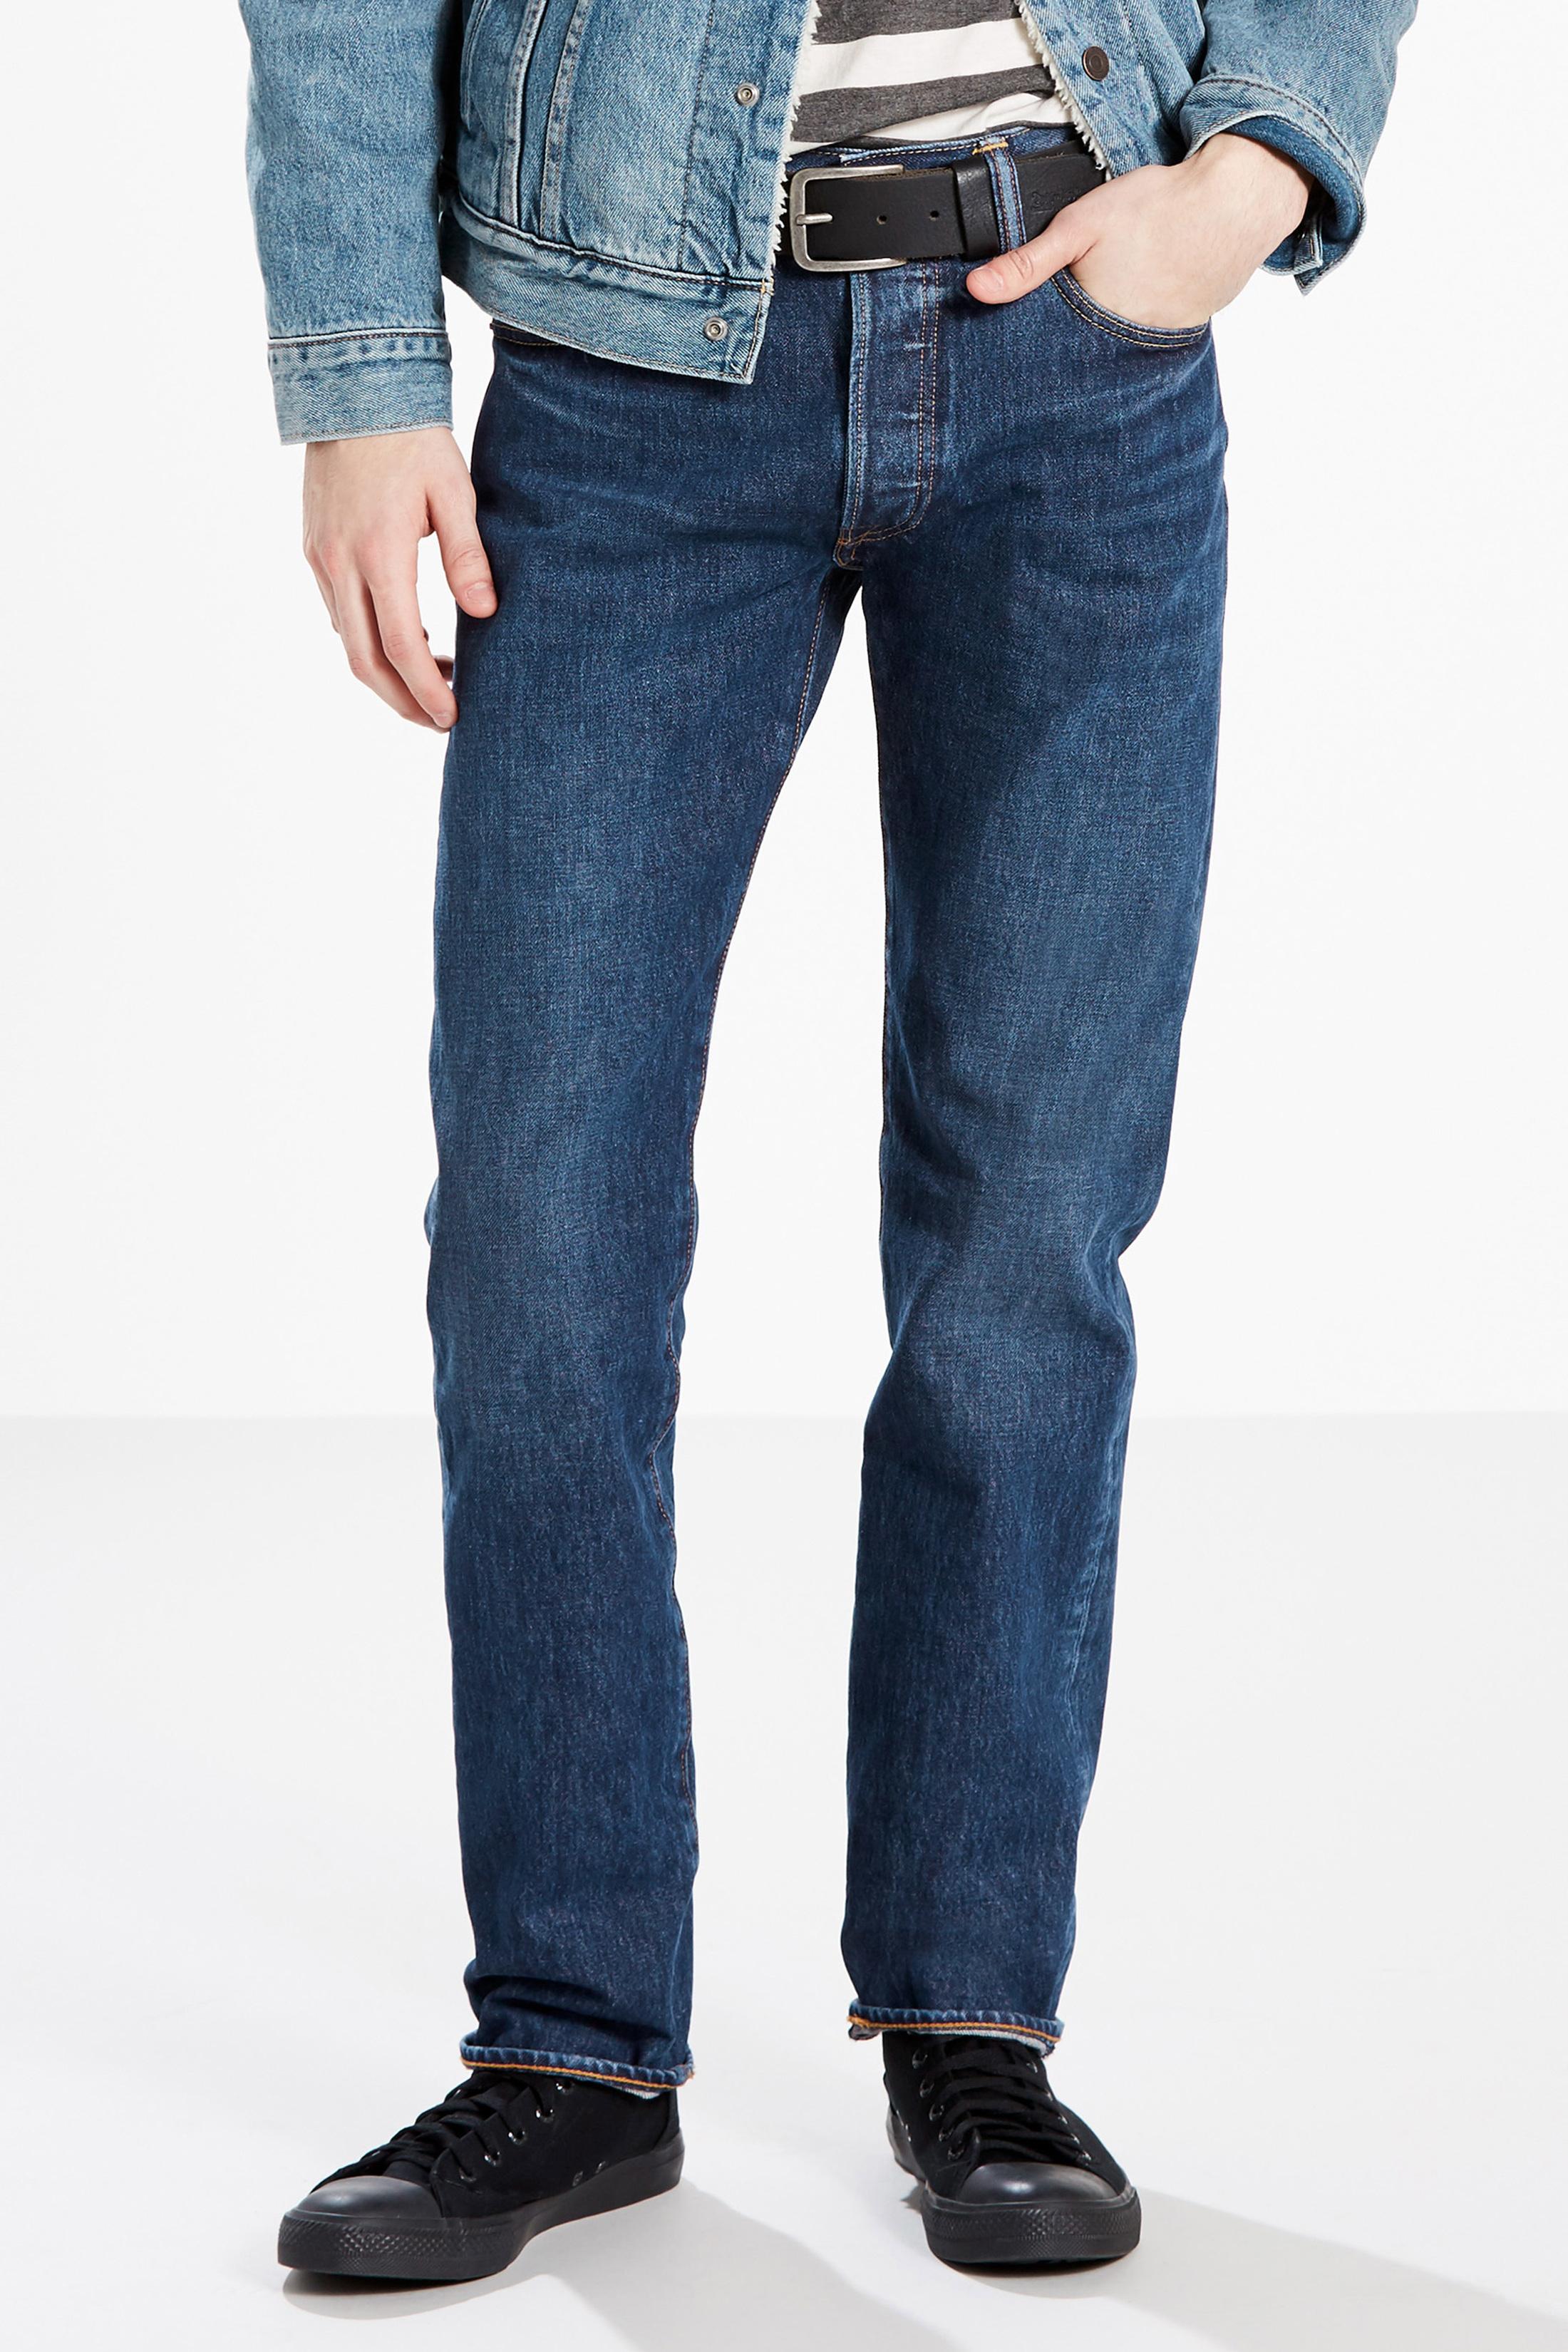 Levi's 501 Jeans Original Fit Navy foto 4